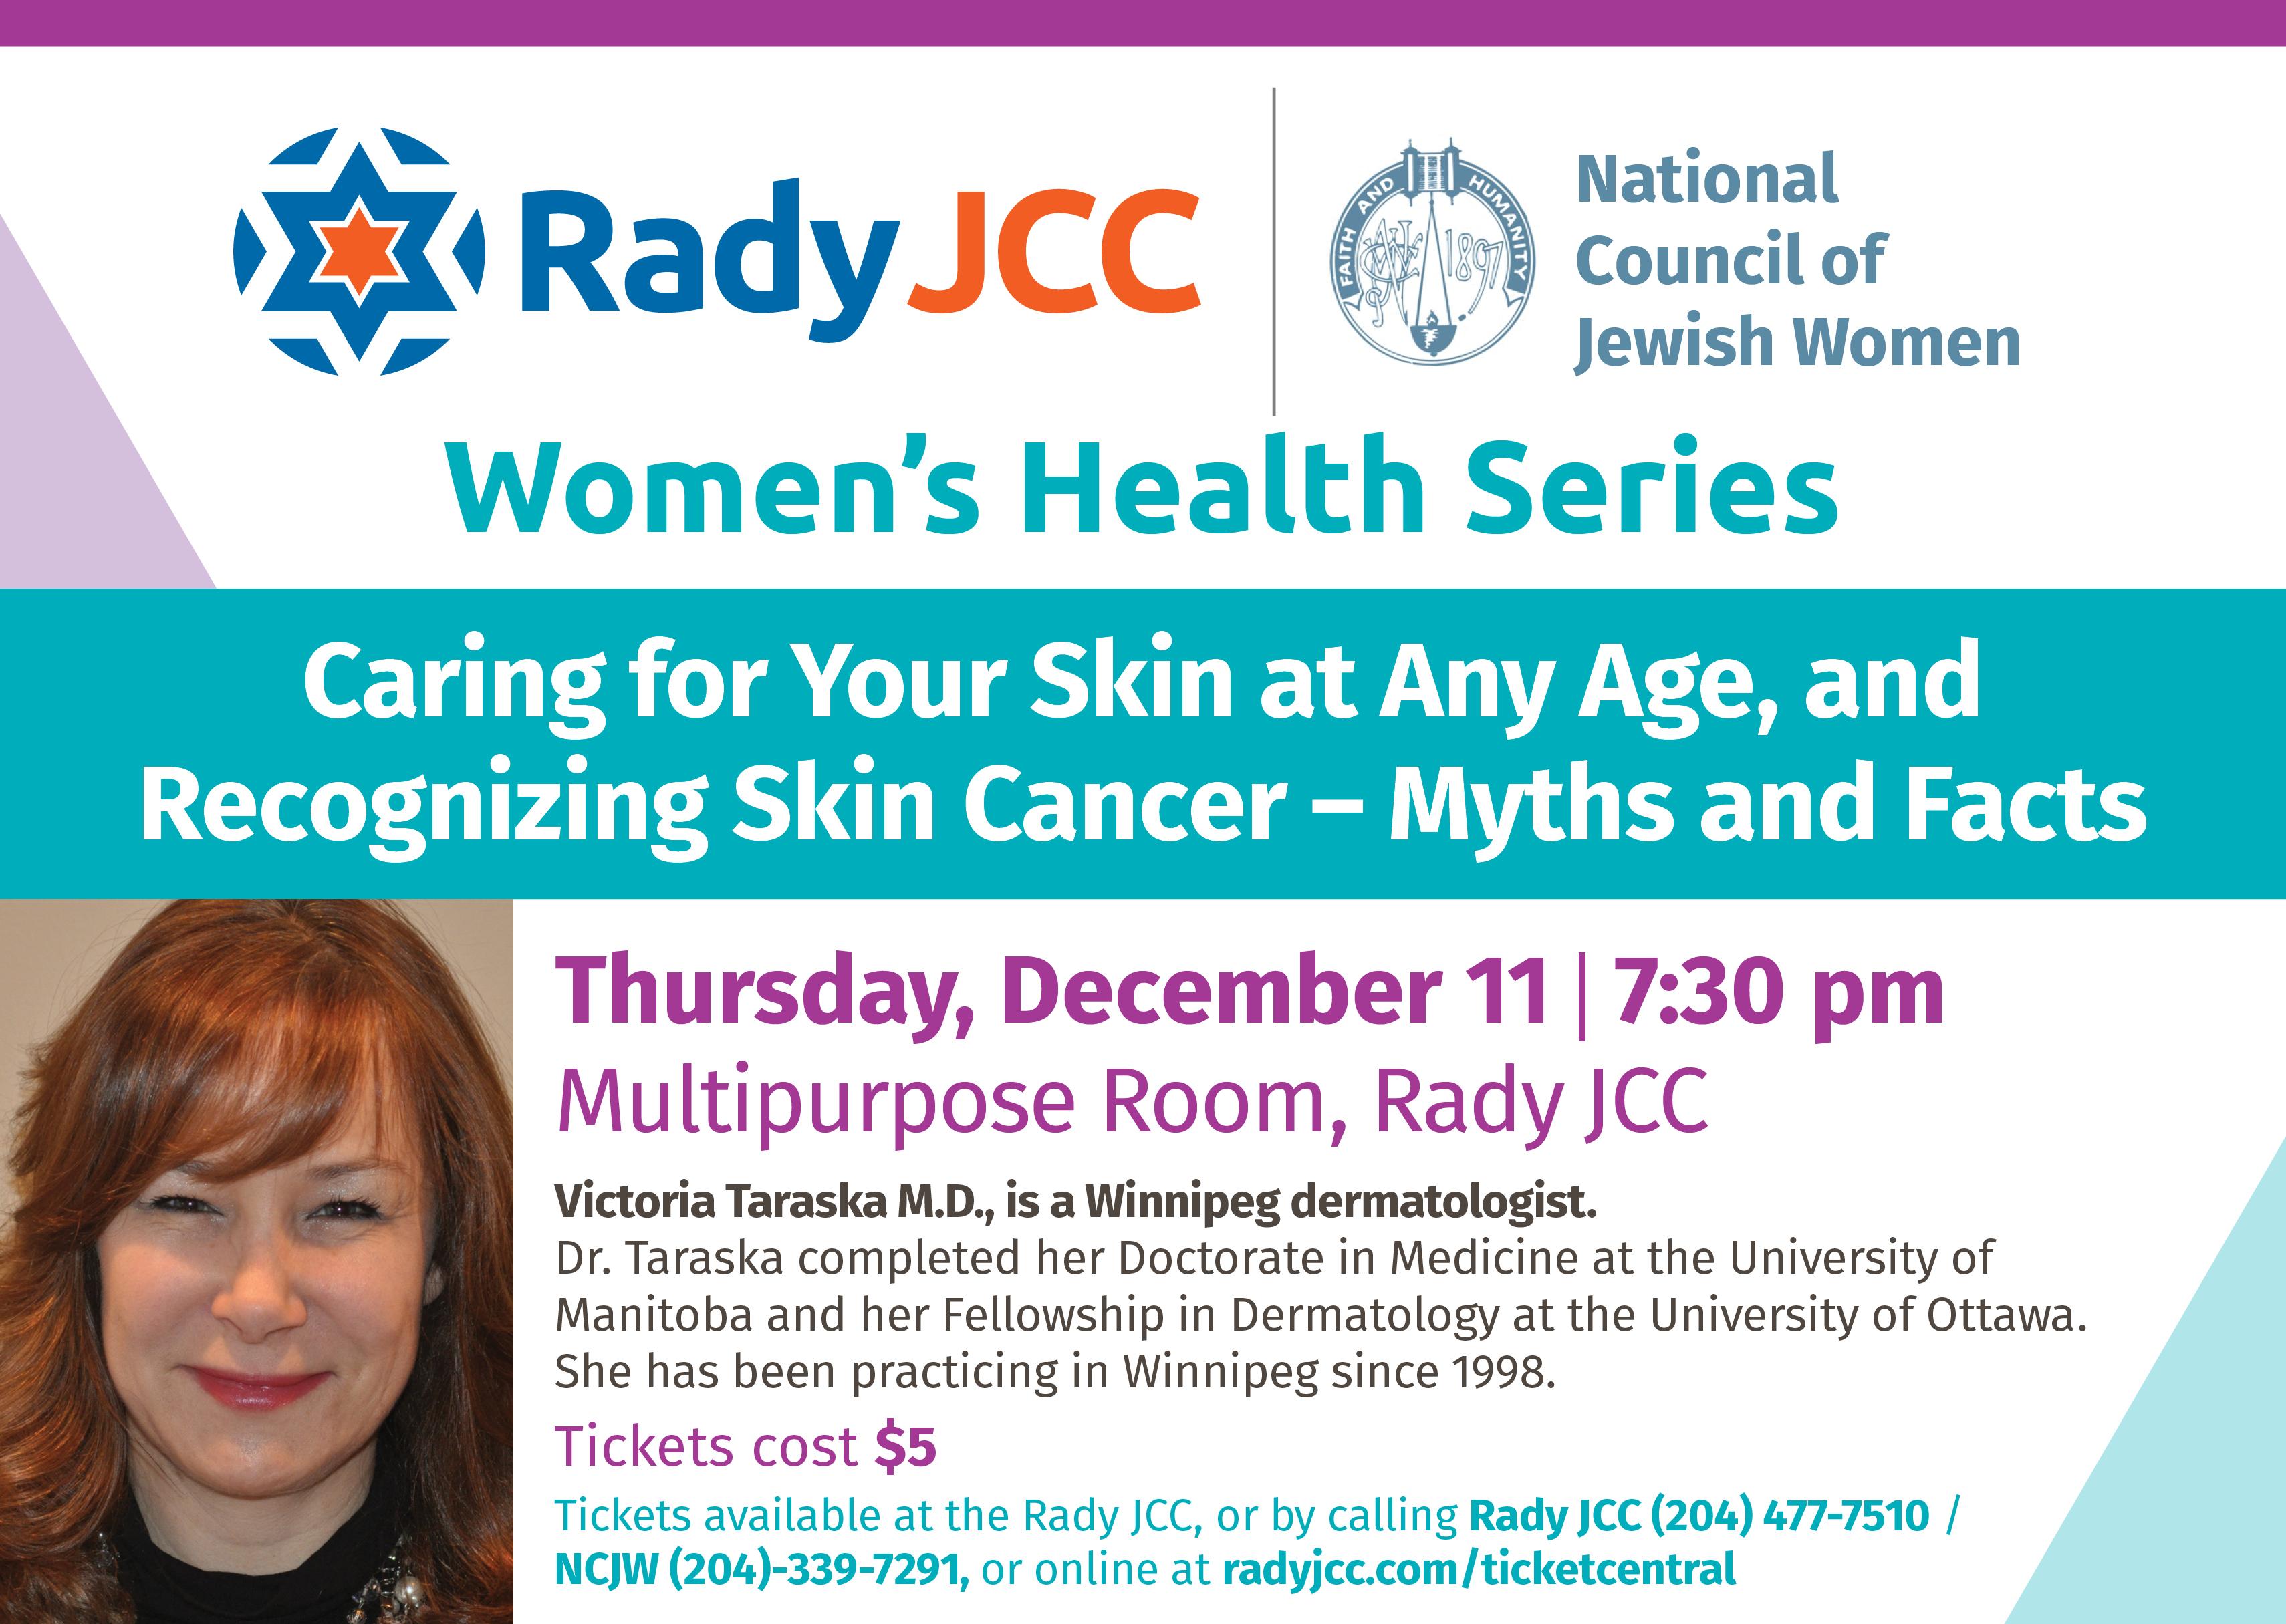 Womens Health Skin Plasma Rady Jcc Fitness Center